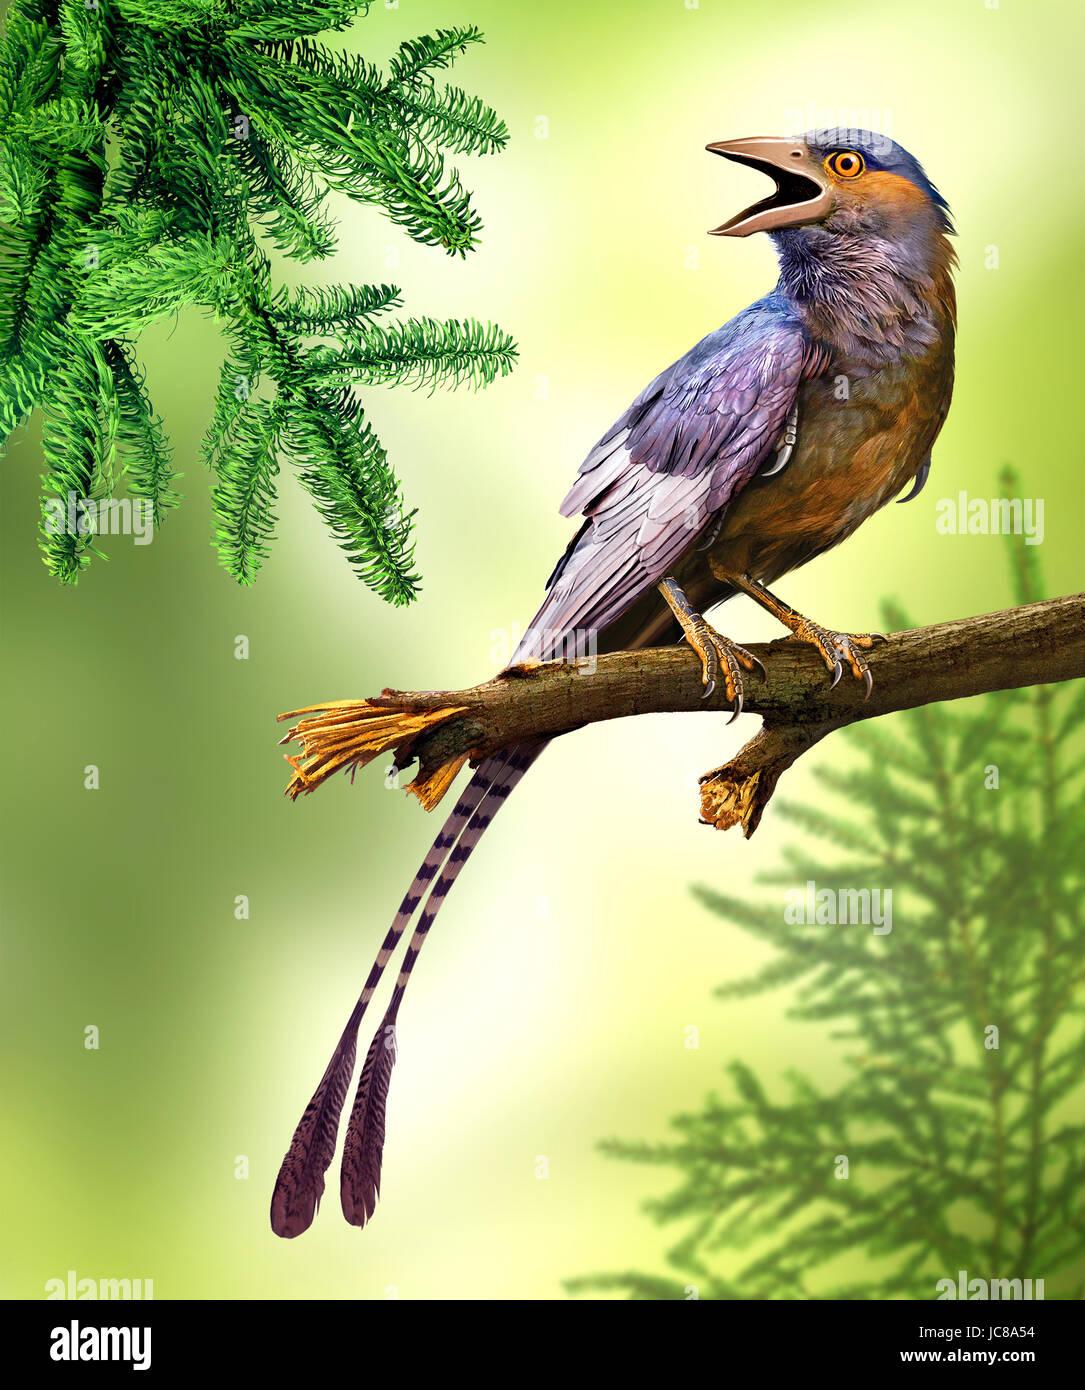 Confuciusornis es un género de aves de tamaño cuervo primitivo desde el Cretácico temprano Imagen De Stock